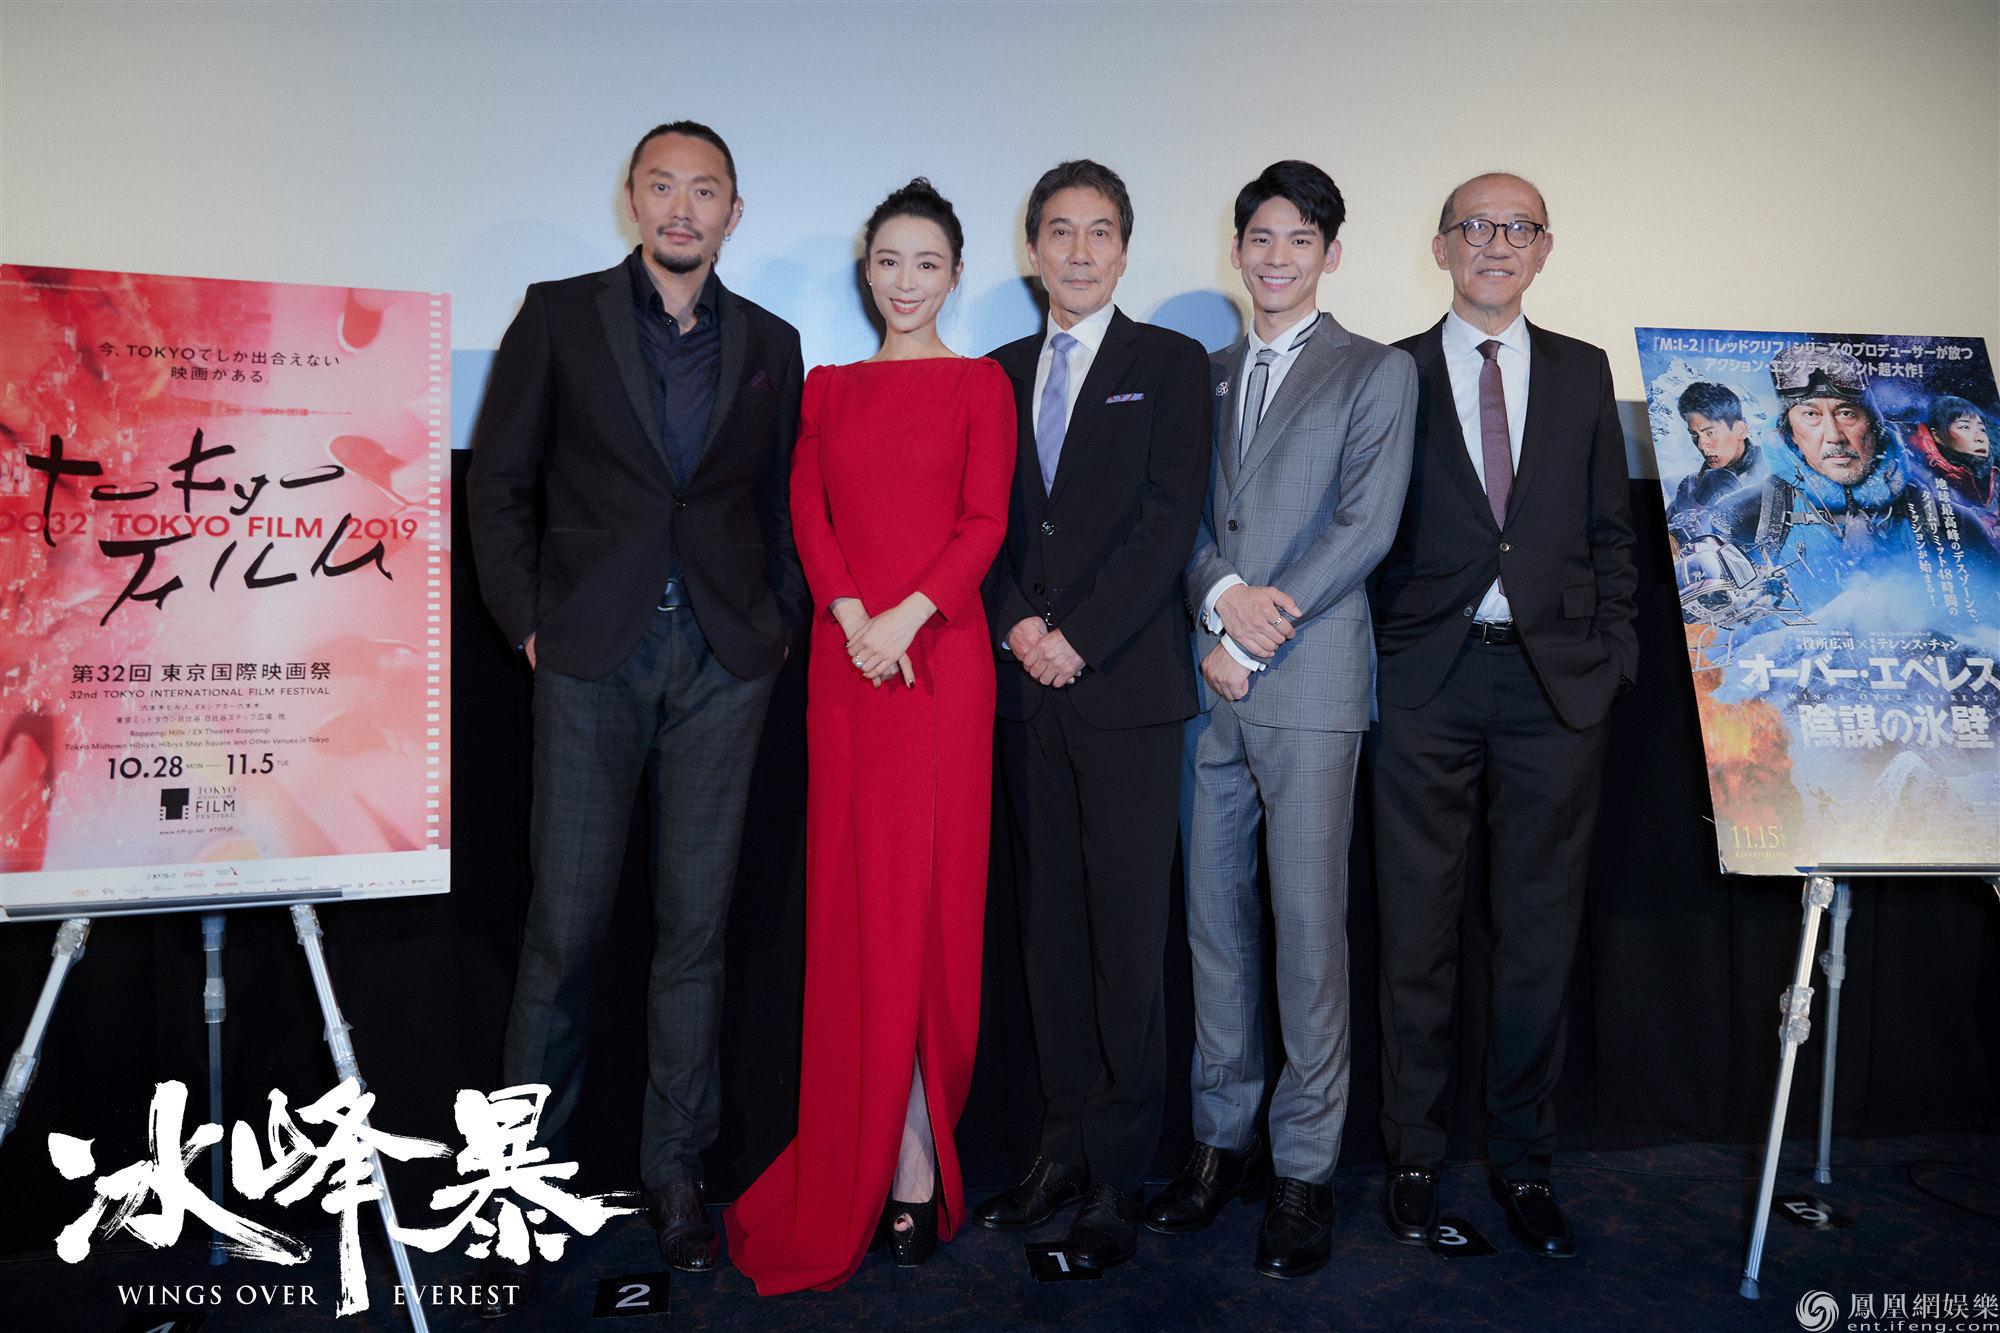 东京国际电影节 《冰峰暴》东京国际电影节全球首映 日本首波口碑炸裂